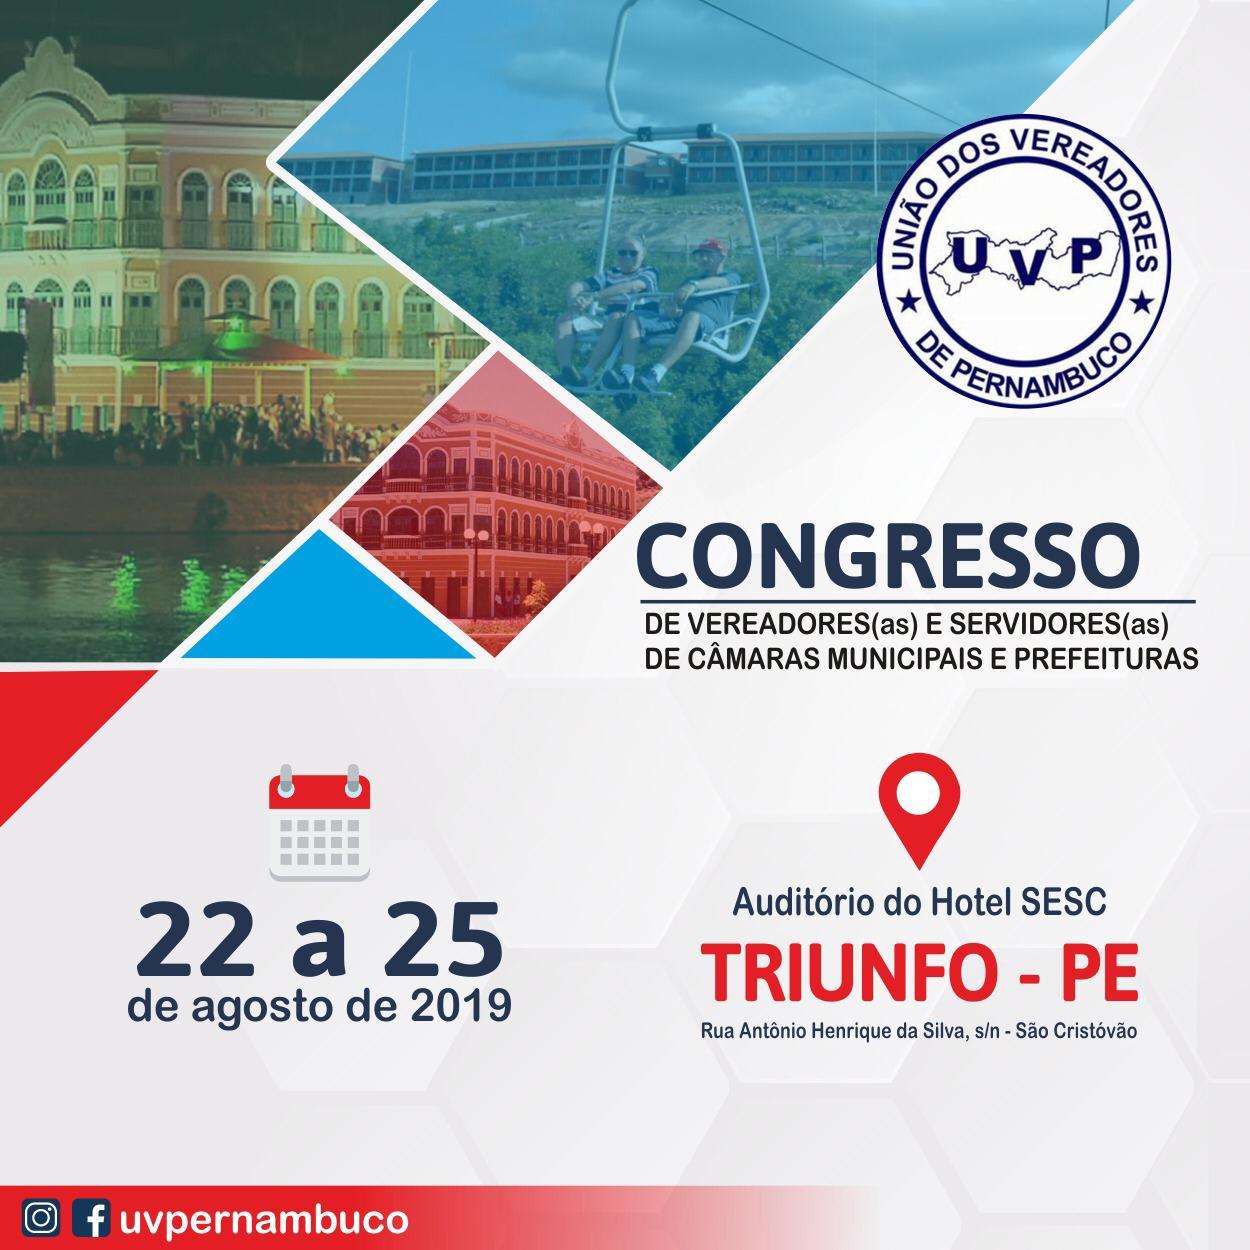 Congresso da UVP acontece na cidade de Triunfo